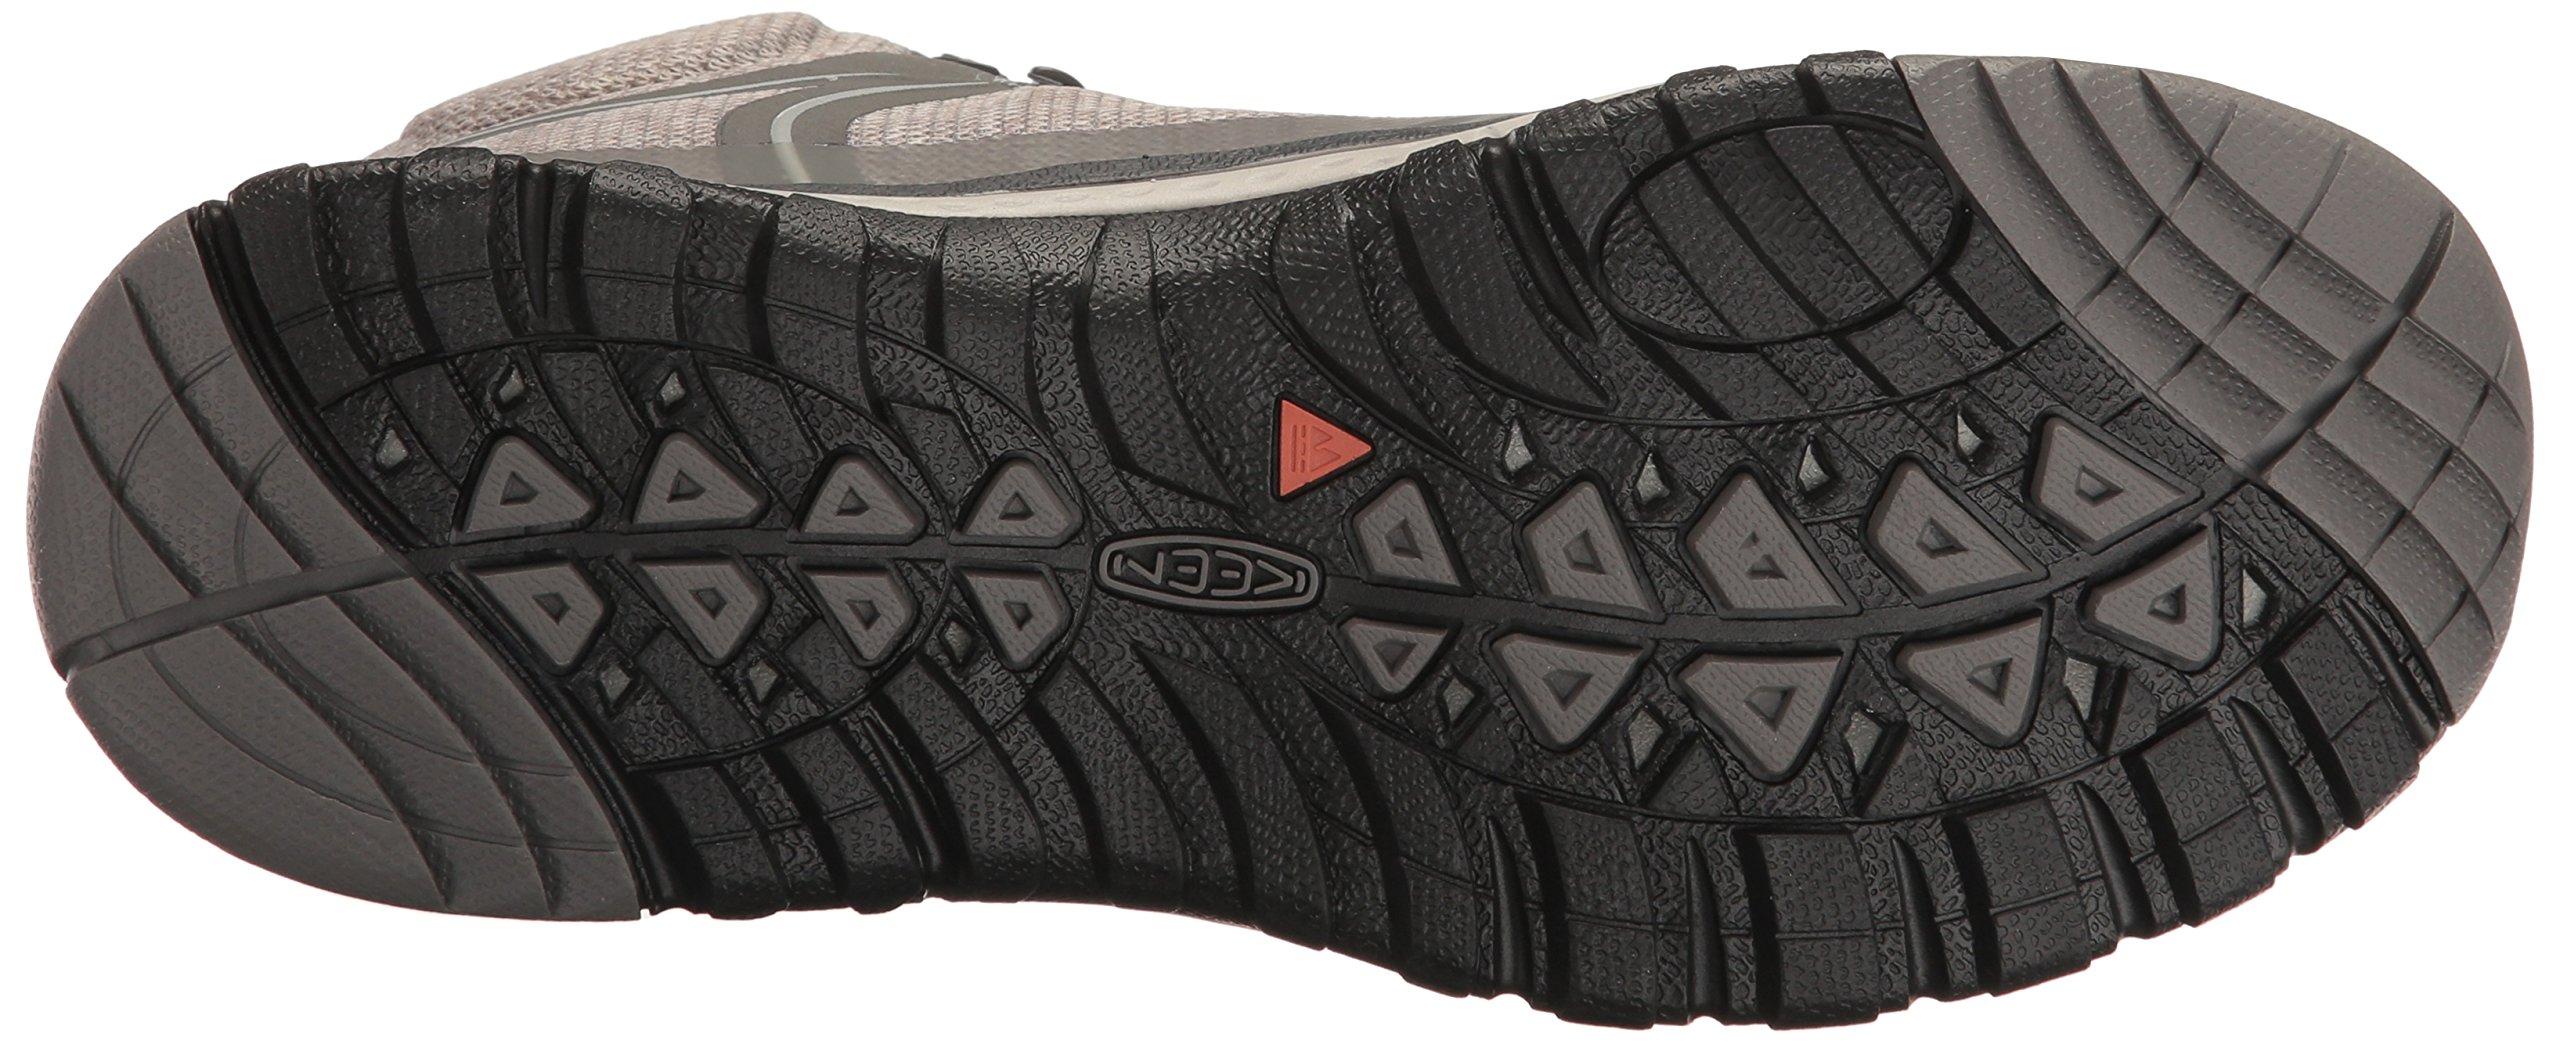 KEEN Women's Terradora Mid Waterproof Hiking Shoe, Gargoyle/Magnet, 9 M US by KEEN (Image #3)